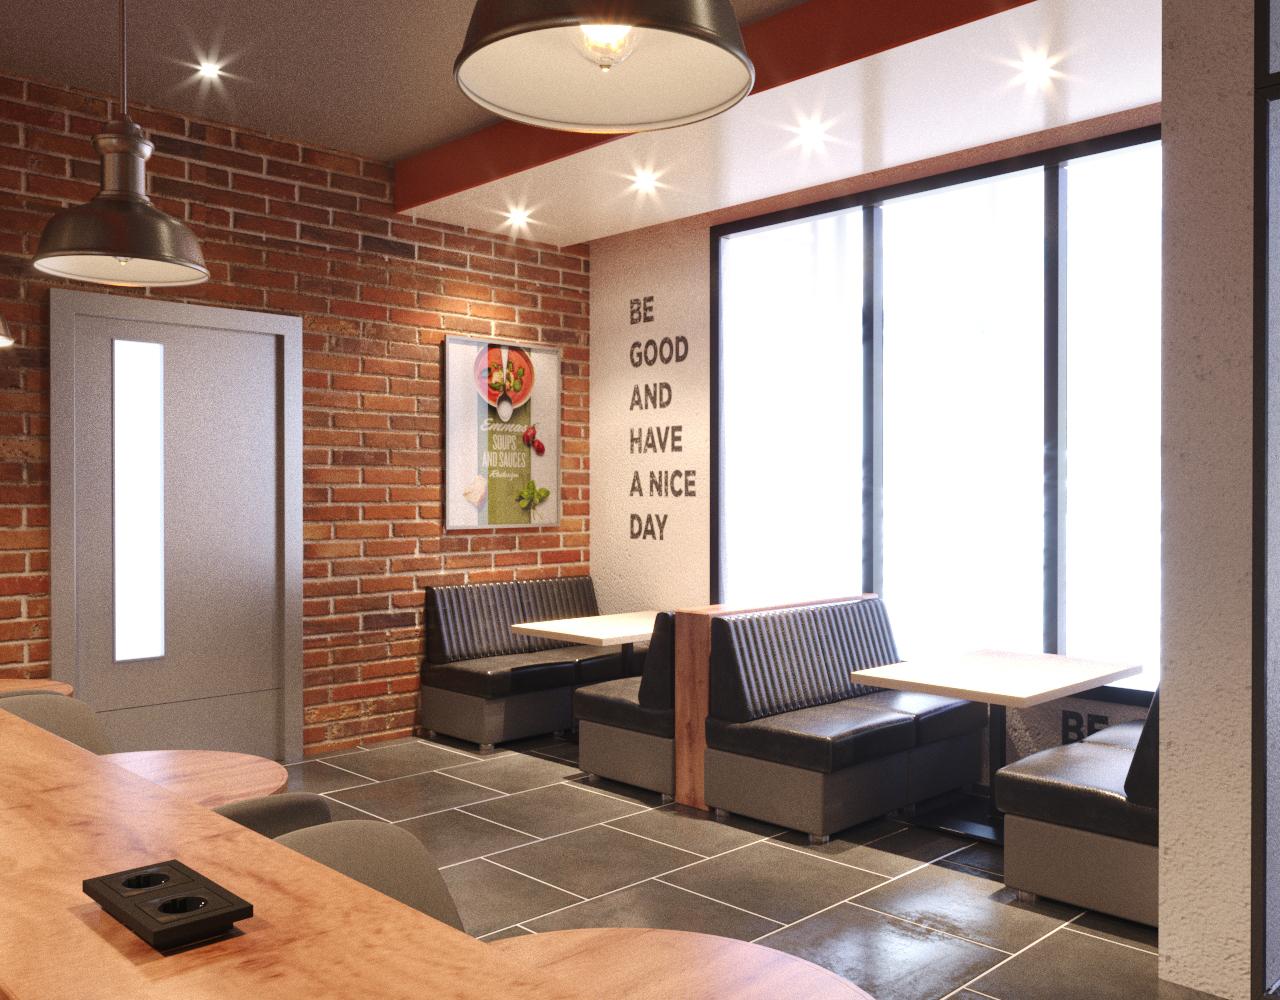 Обновление интерьера кафе  фото f_95459cea9a125de6.jpg